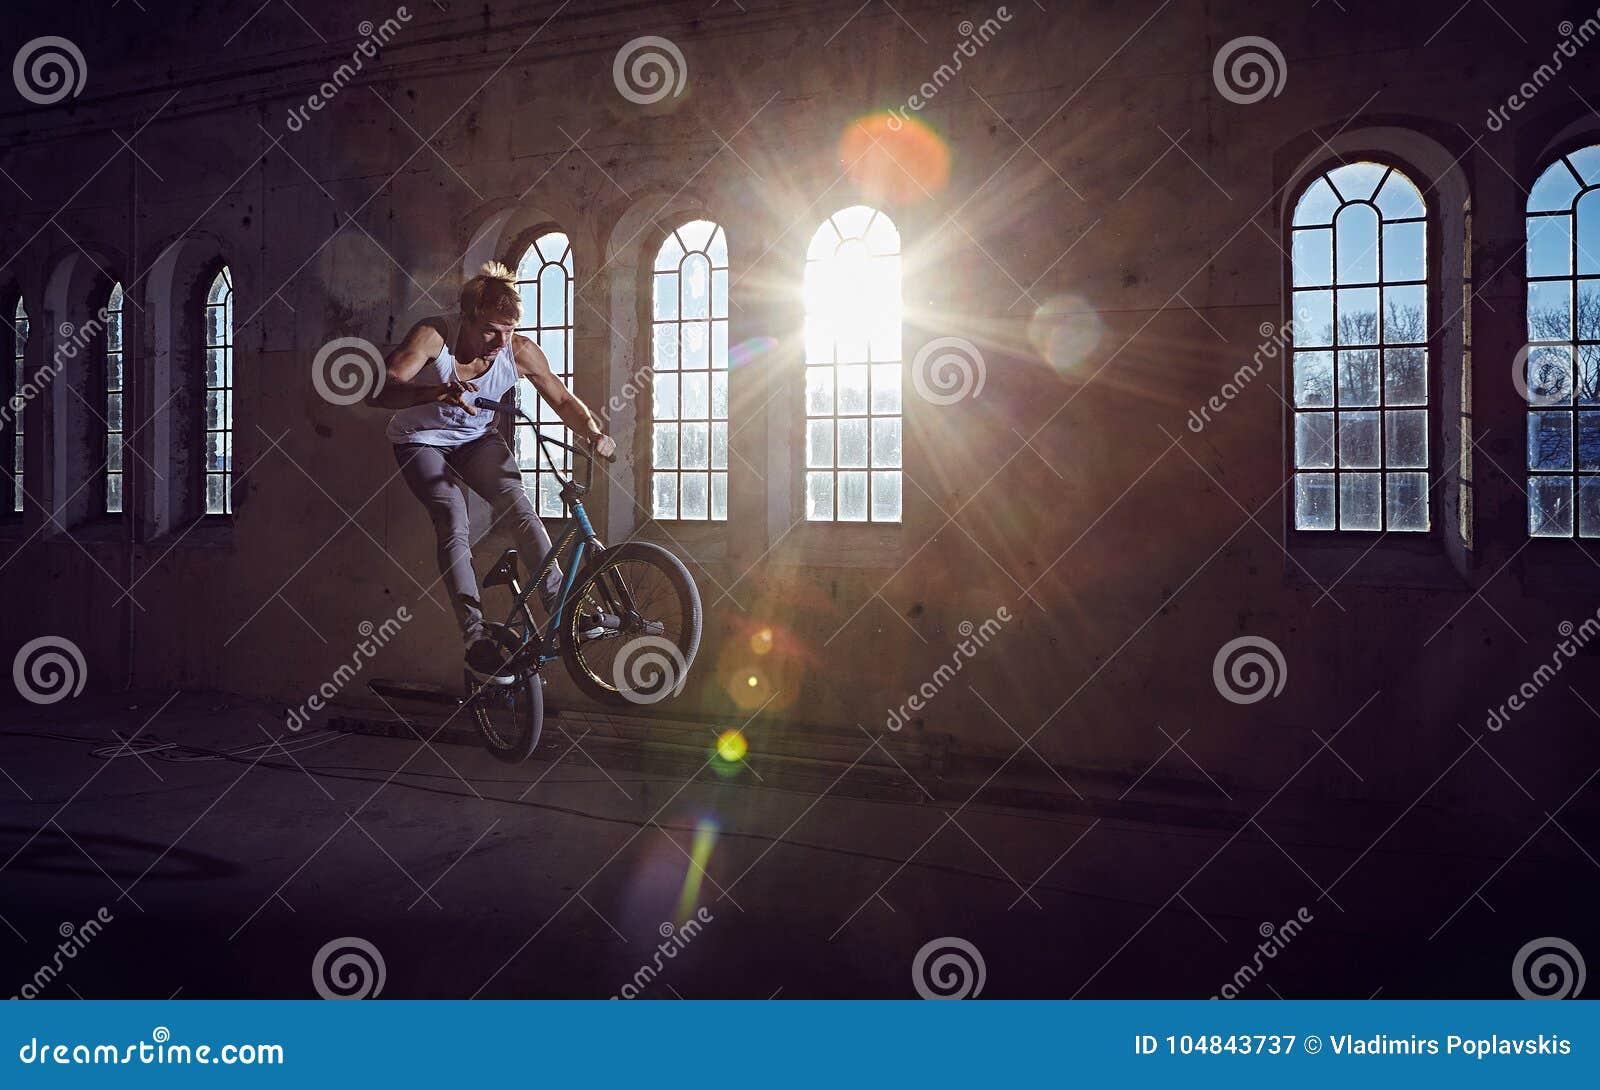 Ακροβατική επίδειξη BMX και οδήγηση άλματος σε μια αίθουσα με το φως του ήλιου